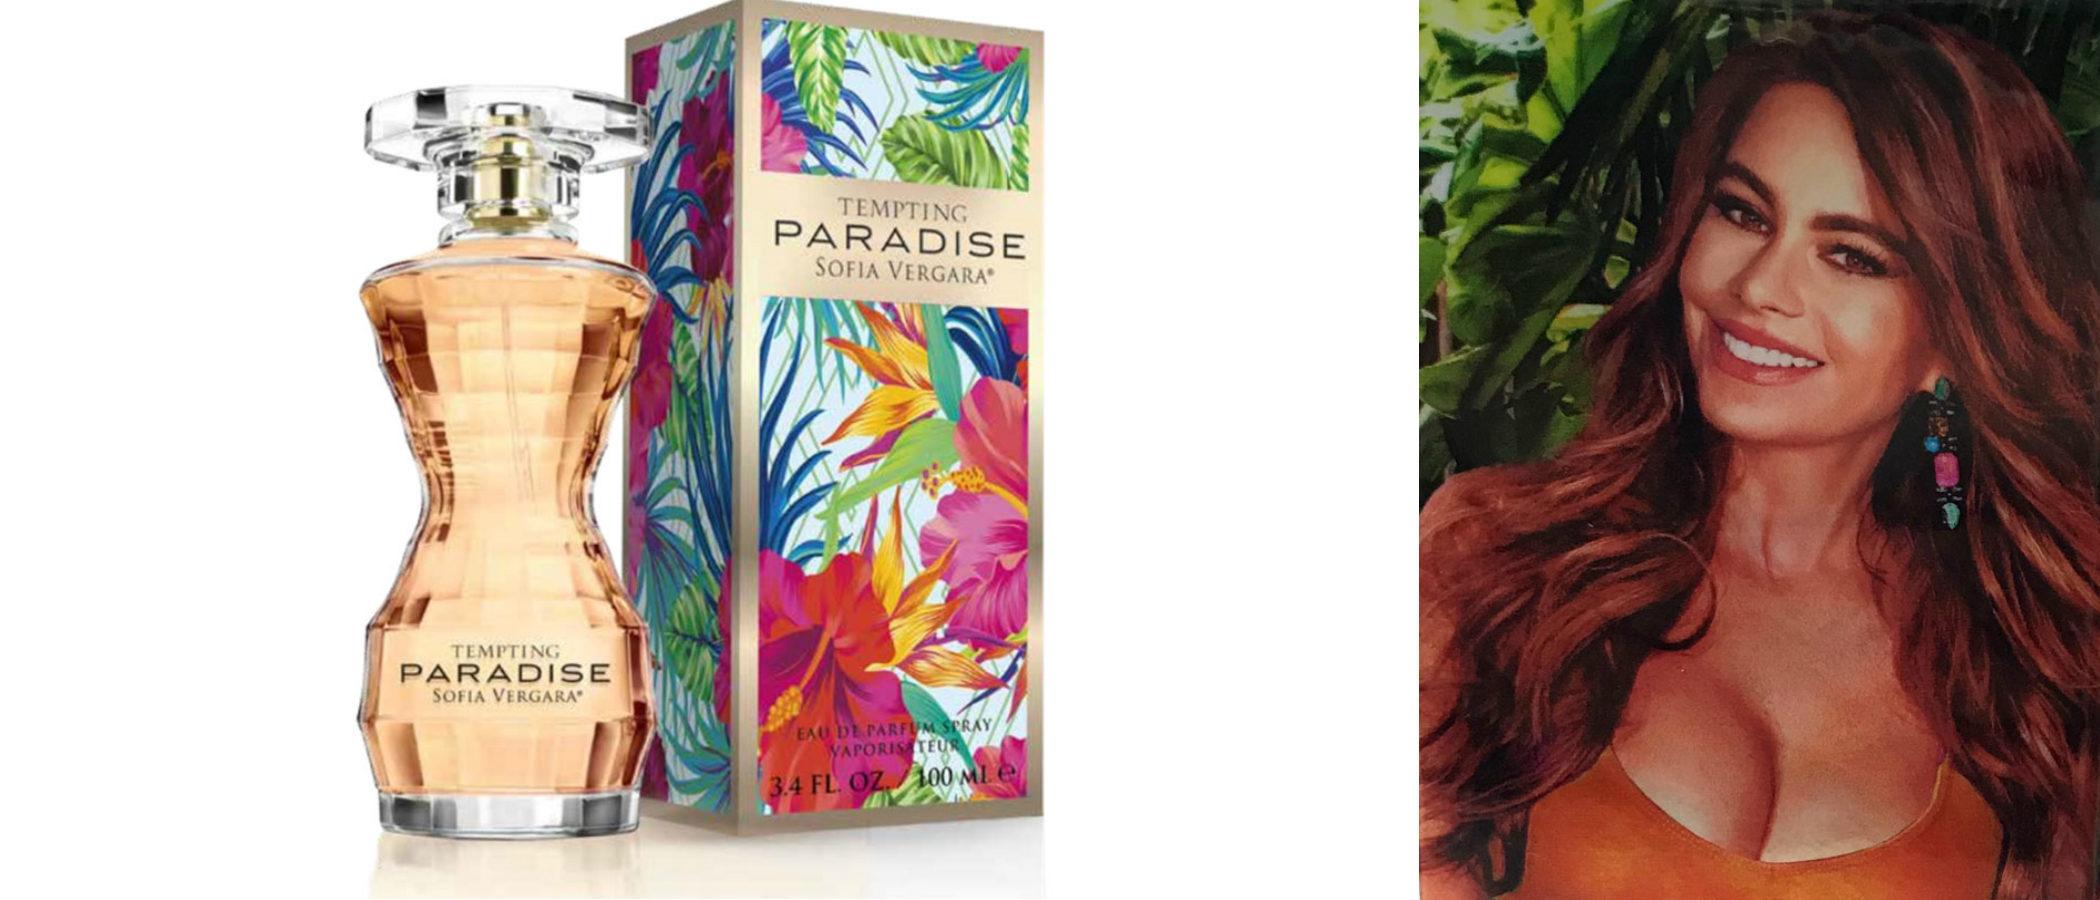 Sofia Vergara lanza 'Tempting Paradise', la nueva versión de su anterior perfume